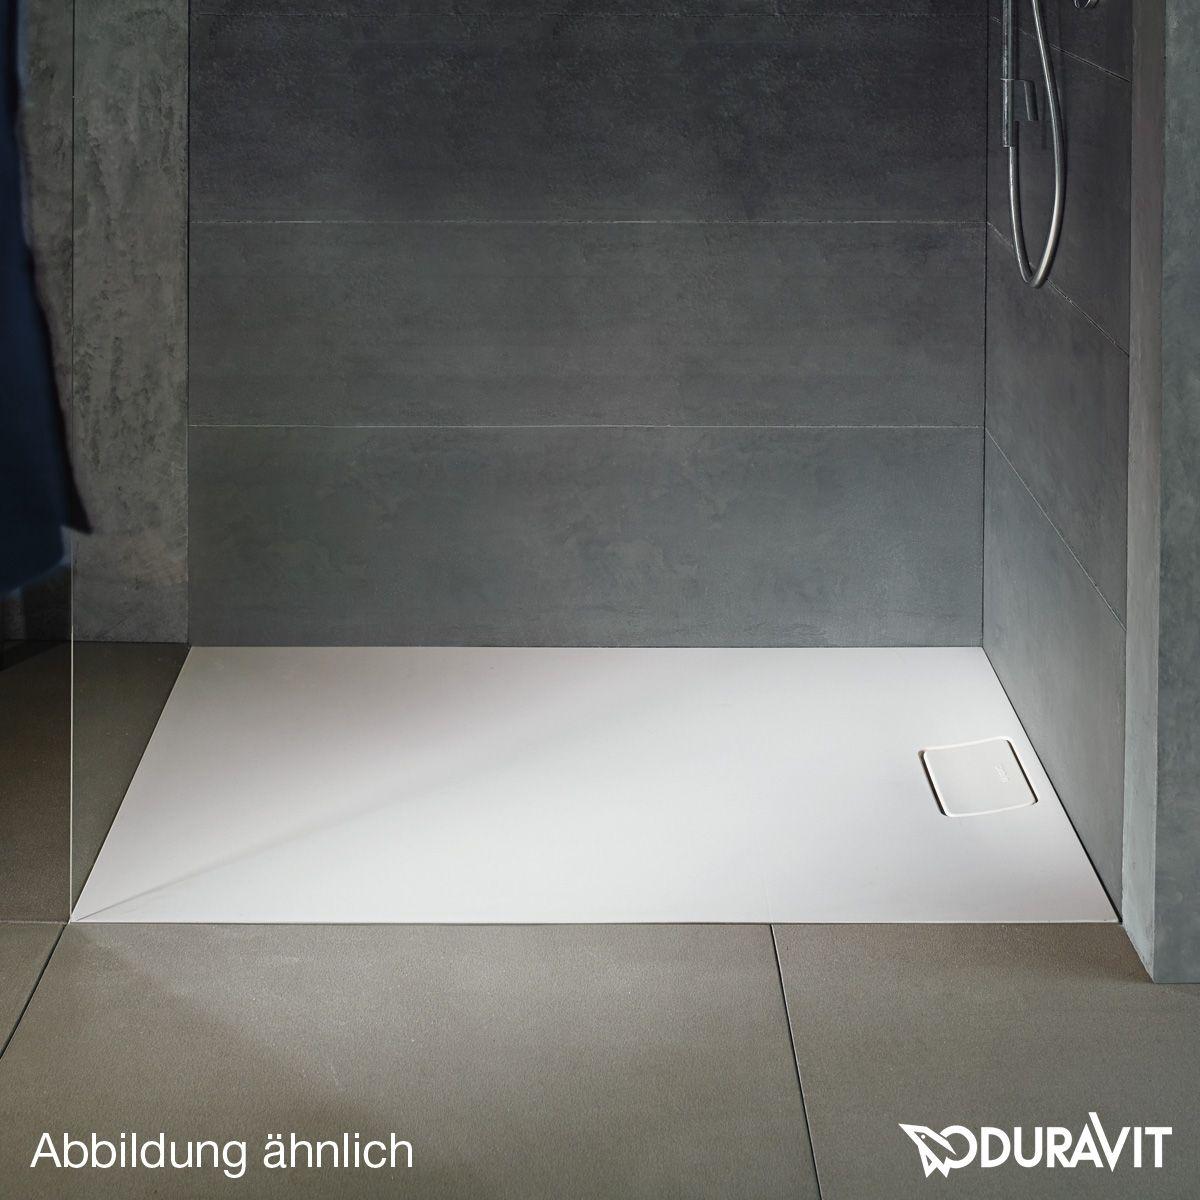 Duravit Stonetto Rechteck Duschwanne Sand Duschwanne Badezimmer